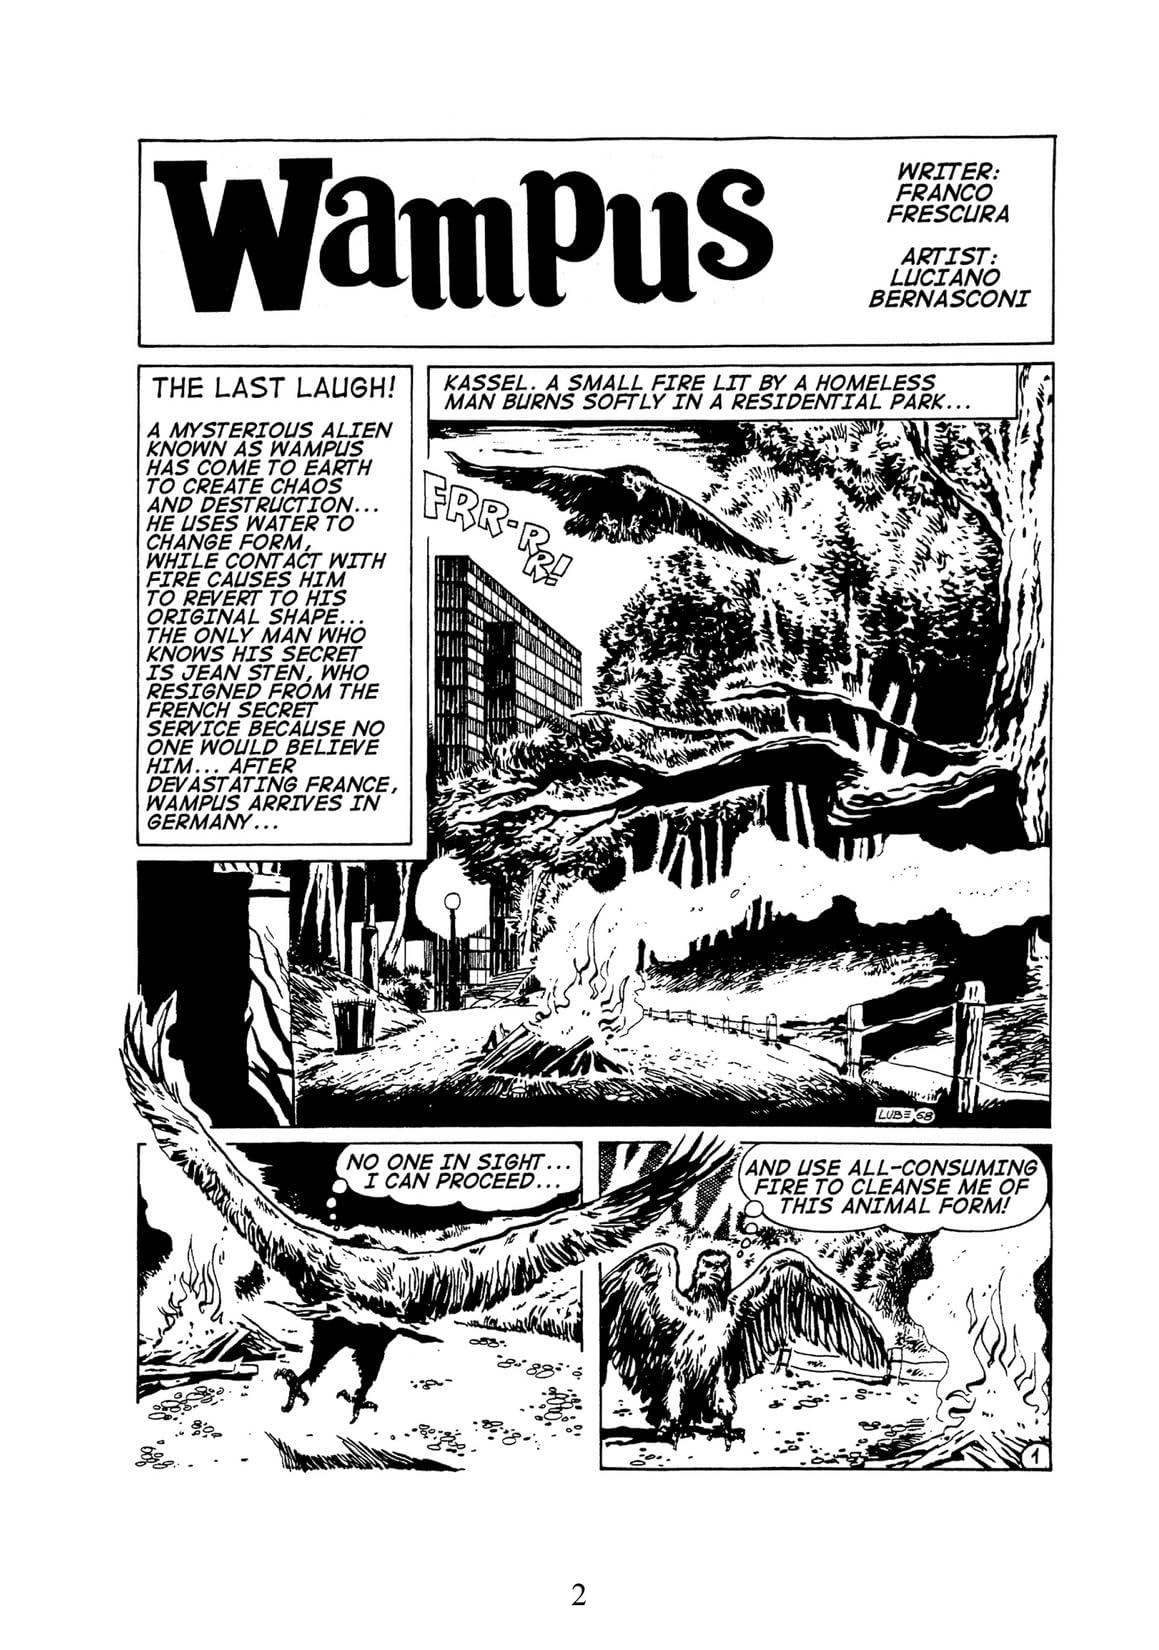 WAMPUS Vol. 2: The Last Laugh